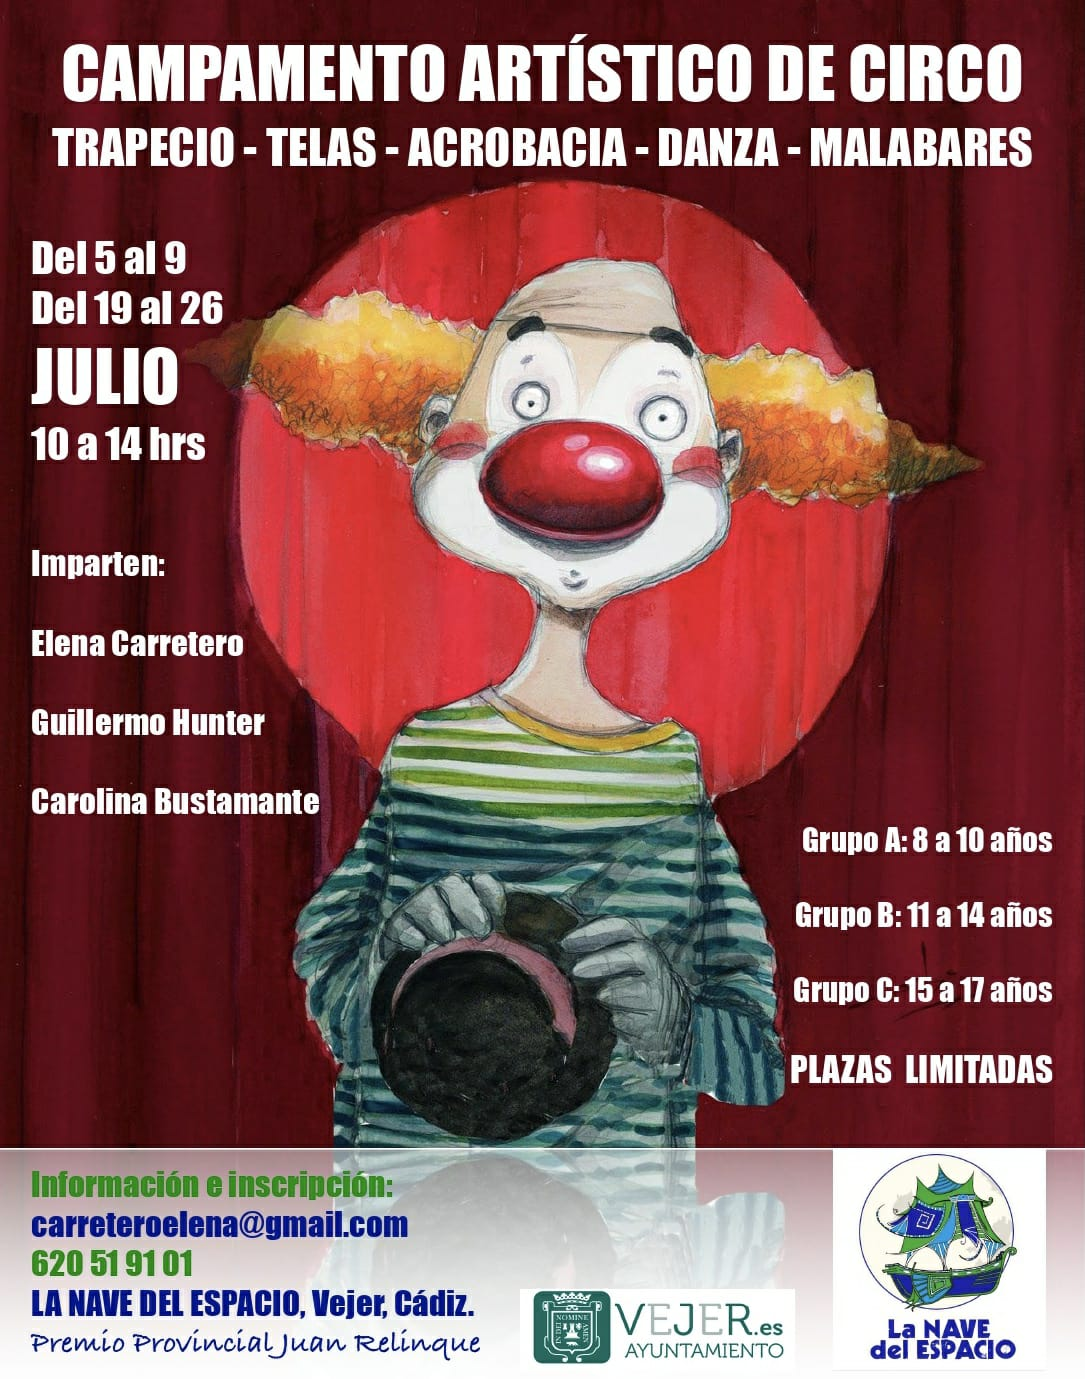 Campamento Artístico de Circo para niños en La Nave del Espacio, Vejer